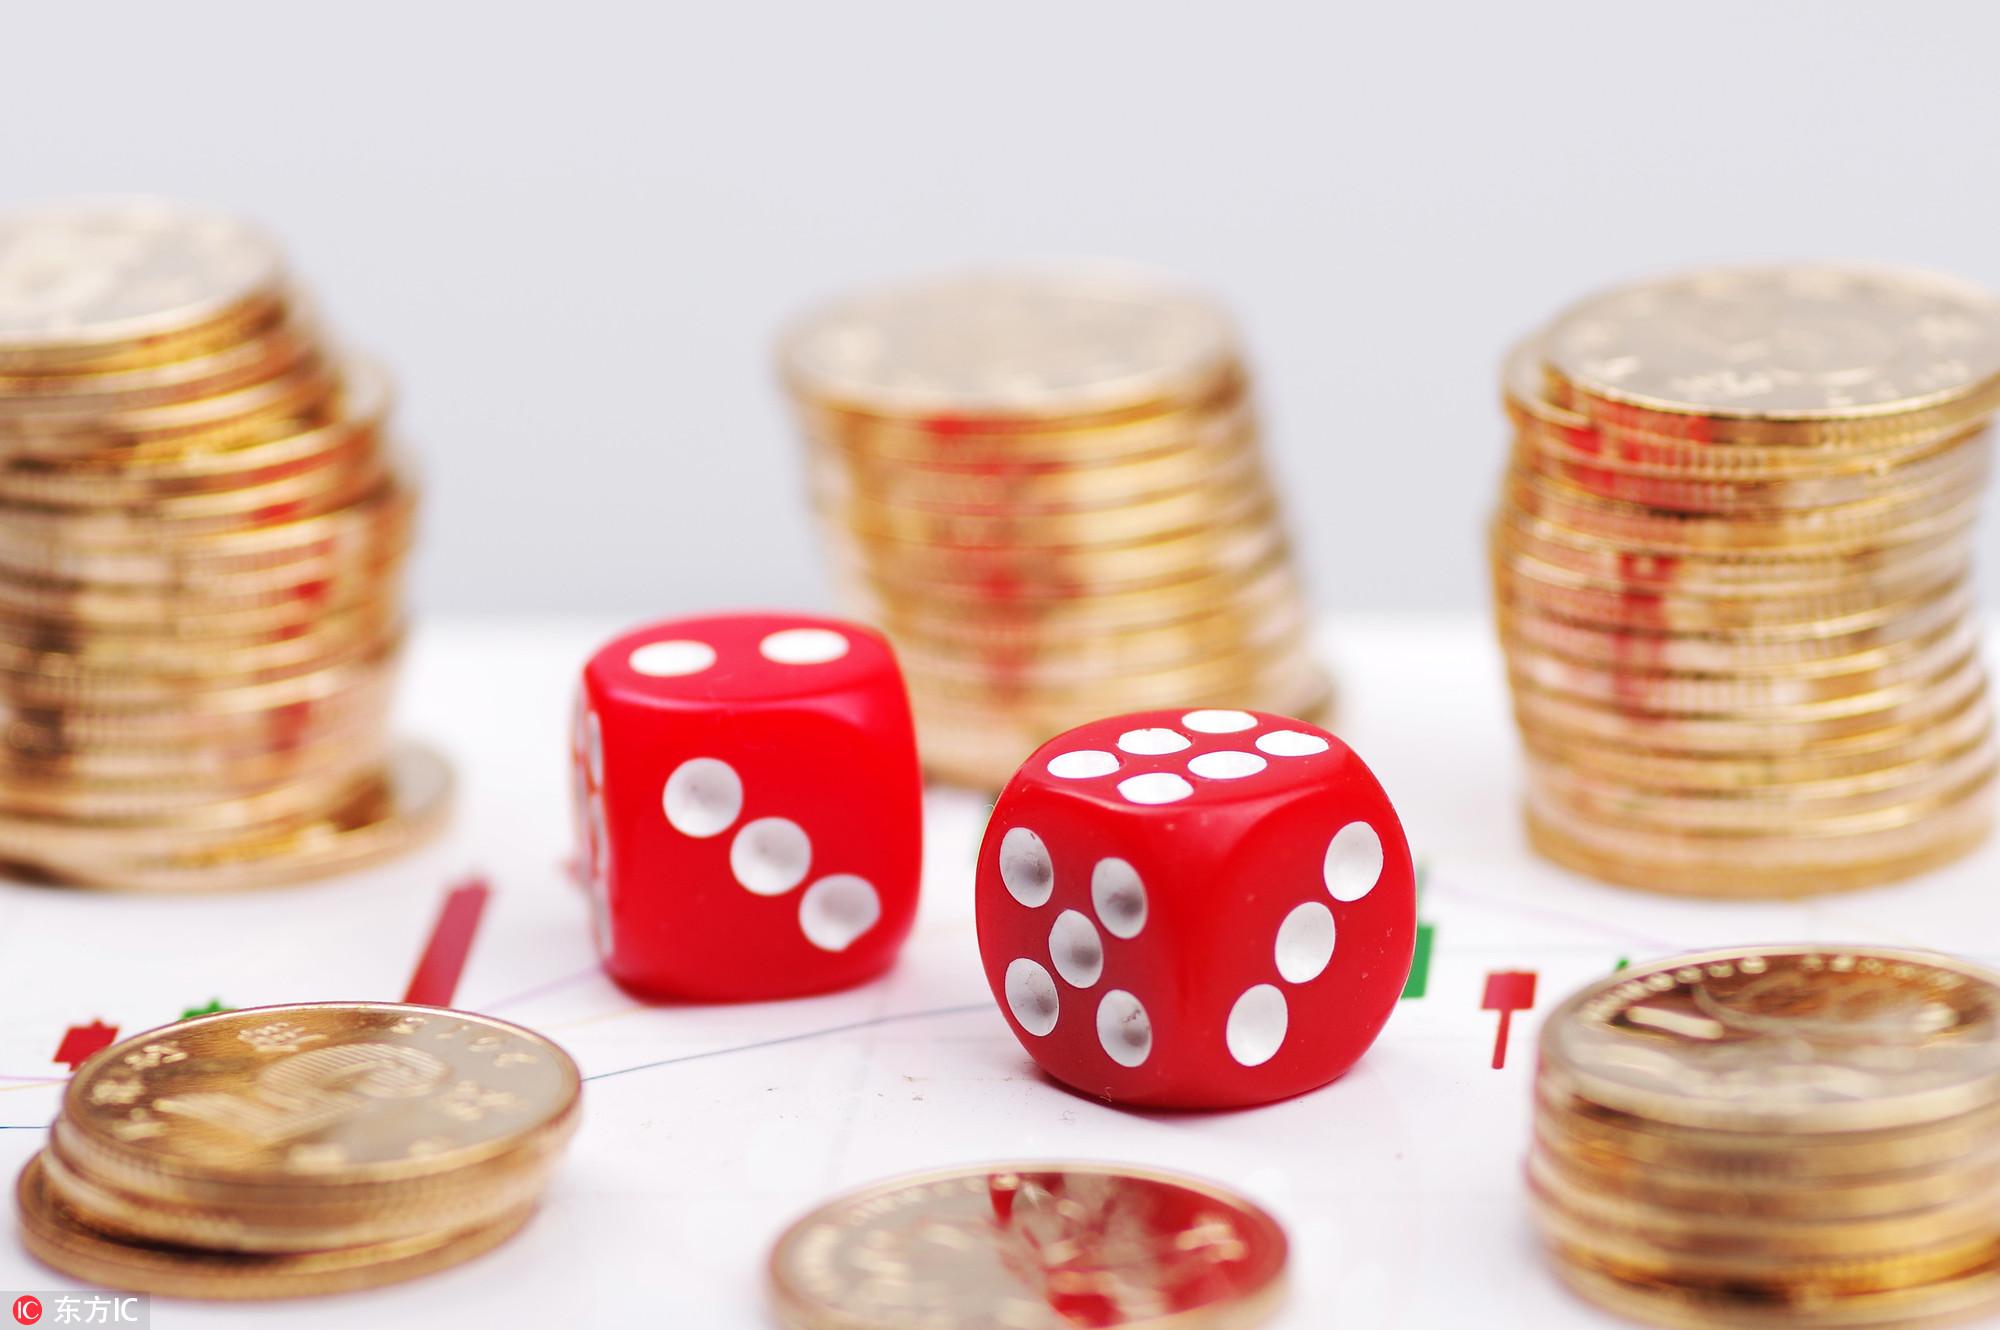 【衍生品策略周报】市场有望再次步入震荡节奏